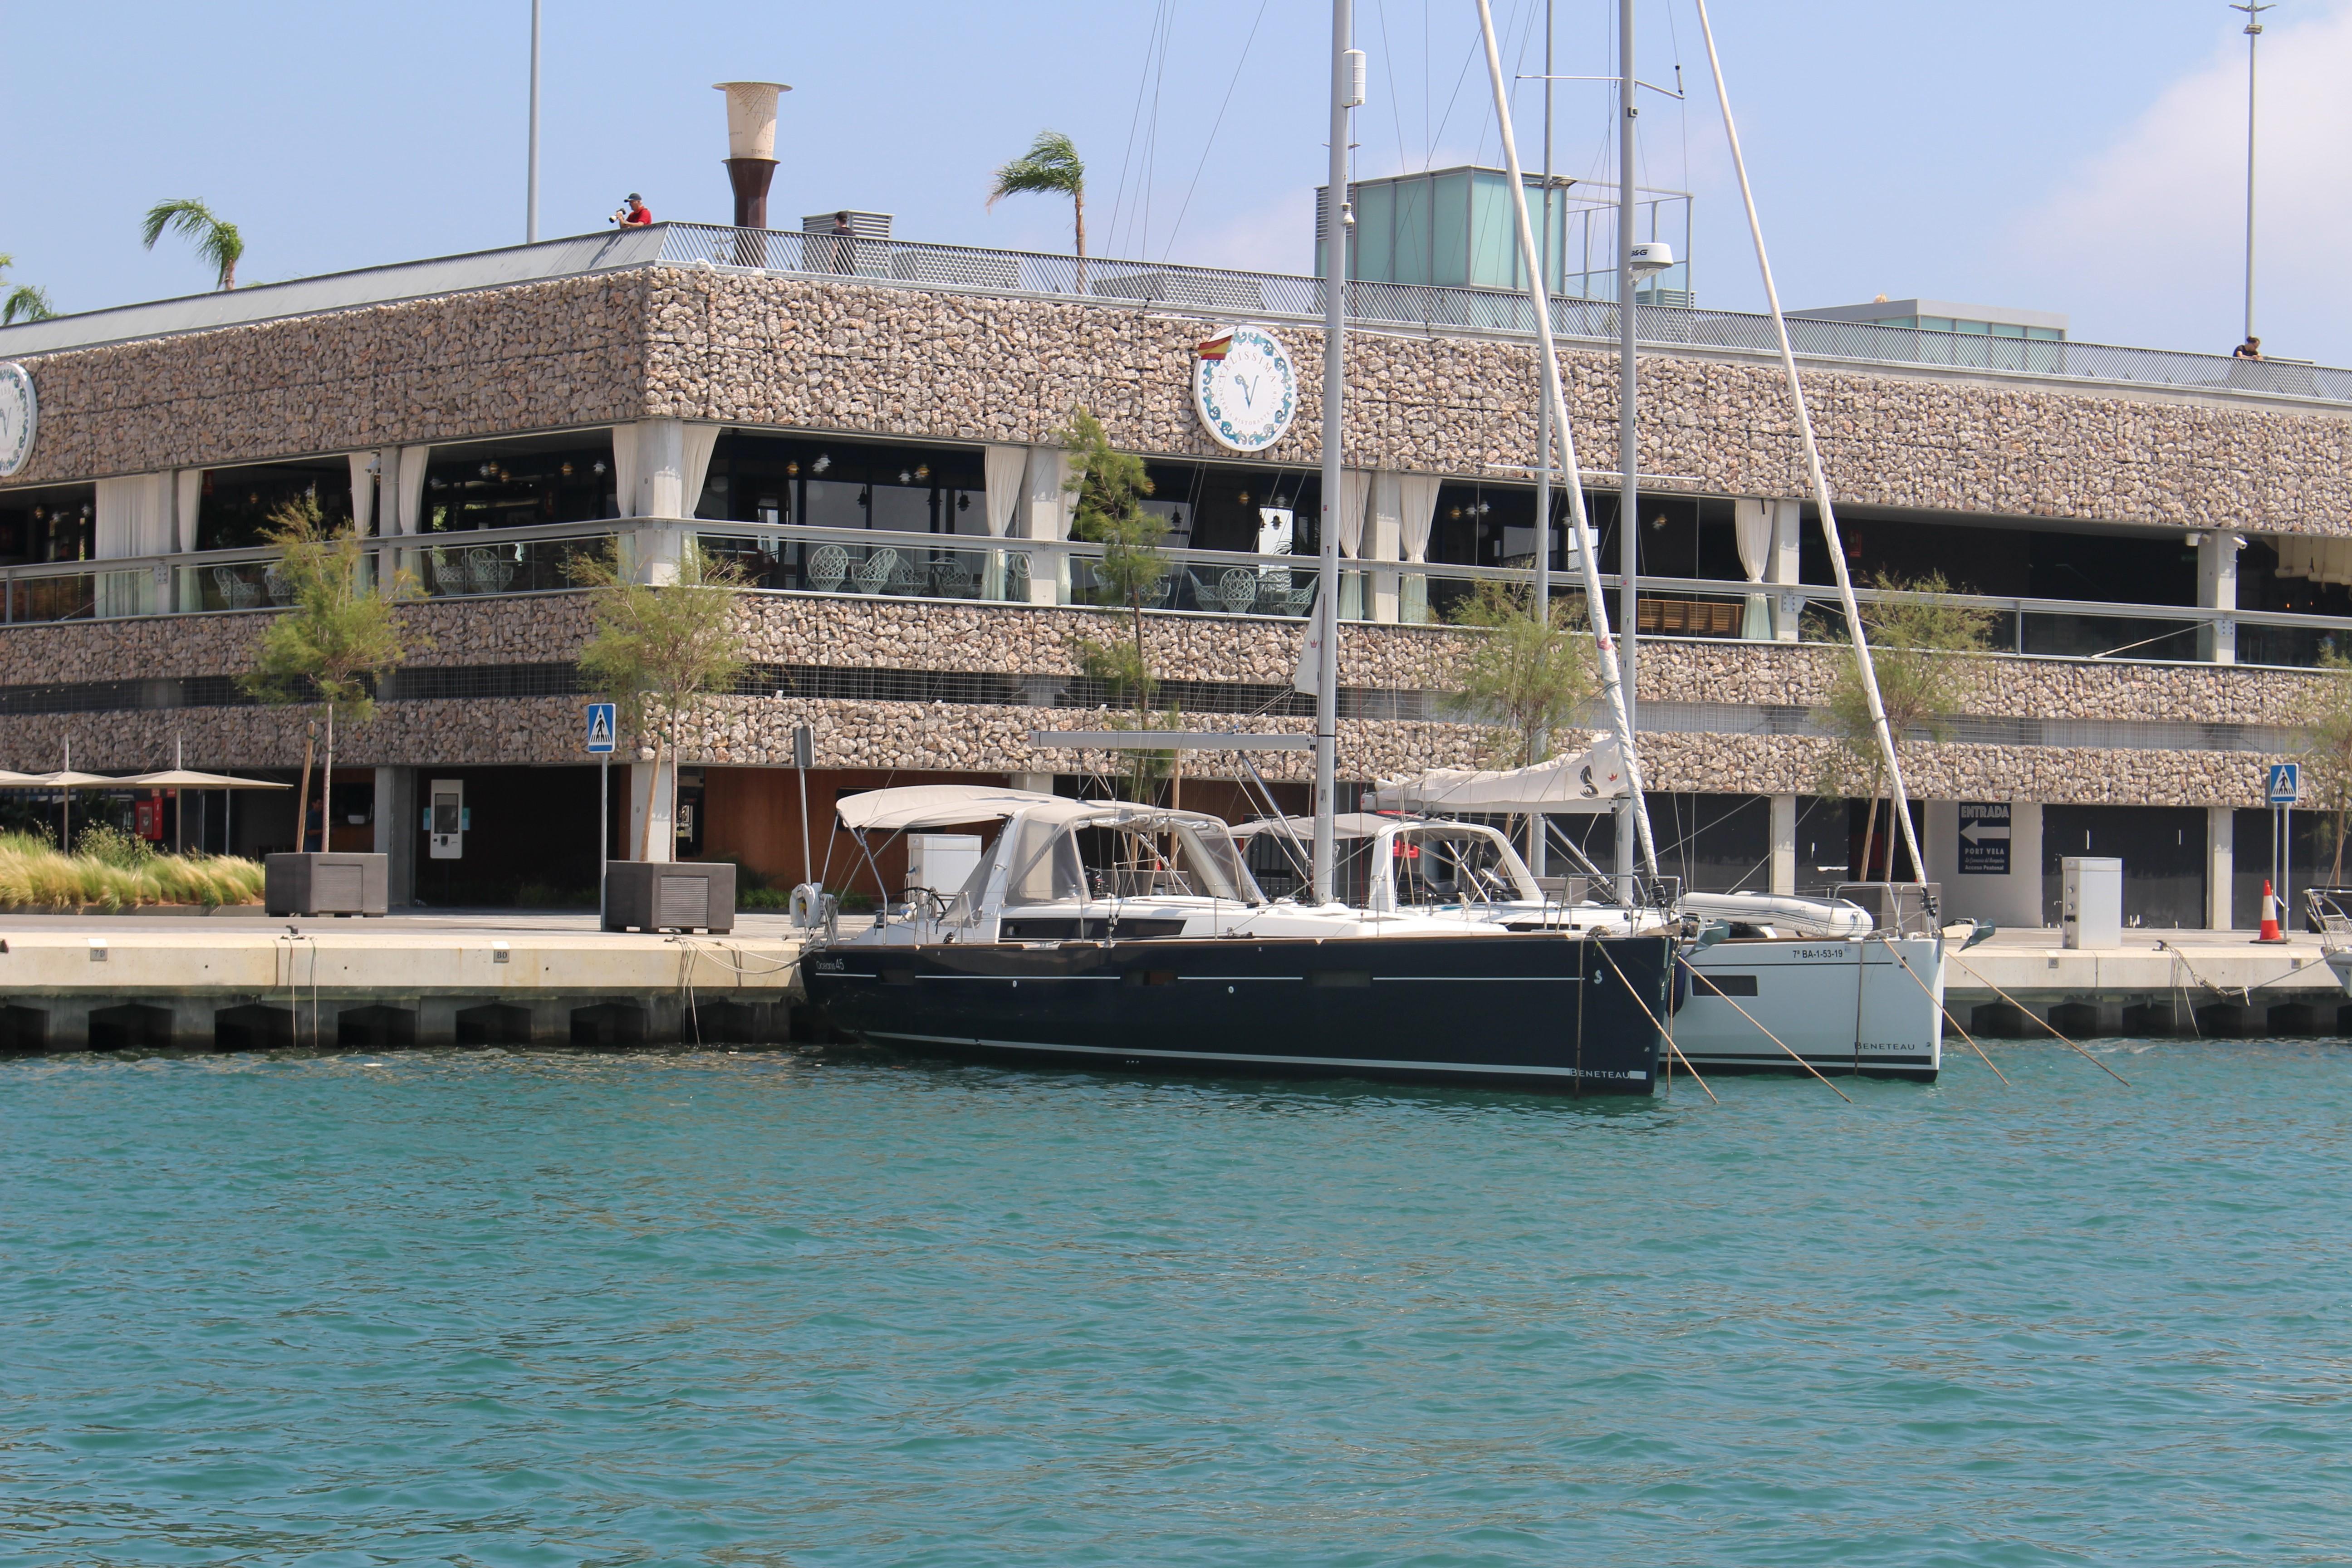 Beneteau Oceanis 45 Beneteau Oceanis 45 for sale